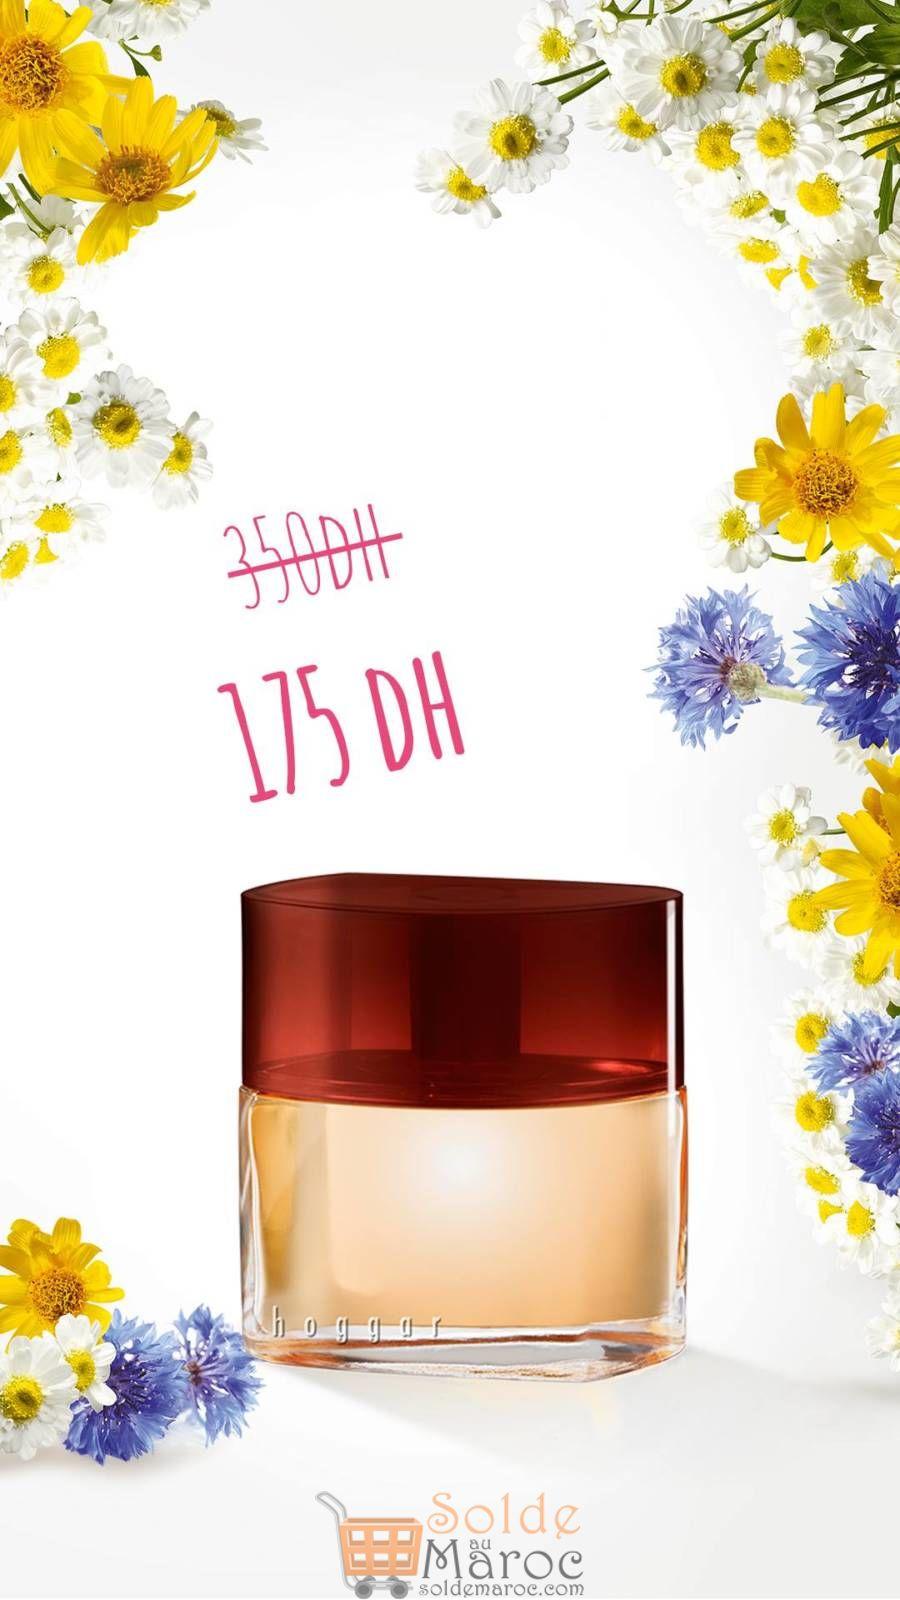 Aperçu des réductions sur vos parfums préférés chez Yves Rocher Maroc